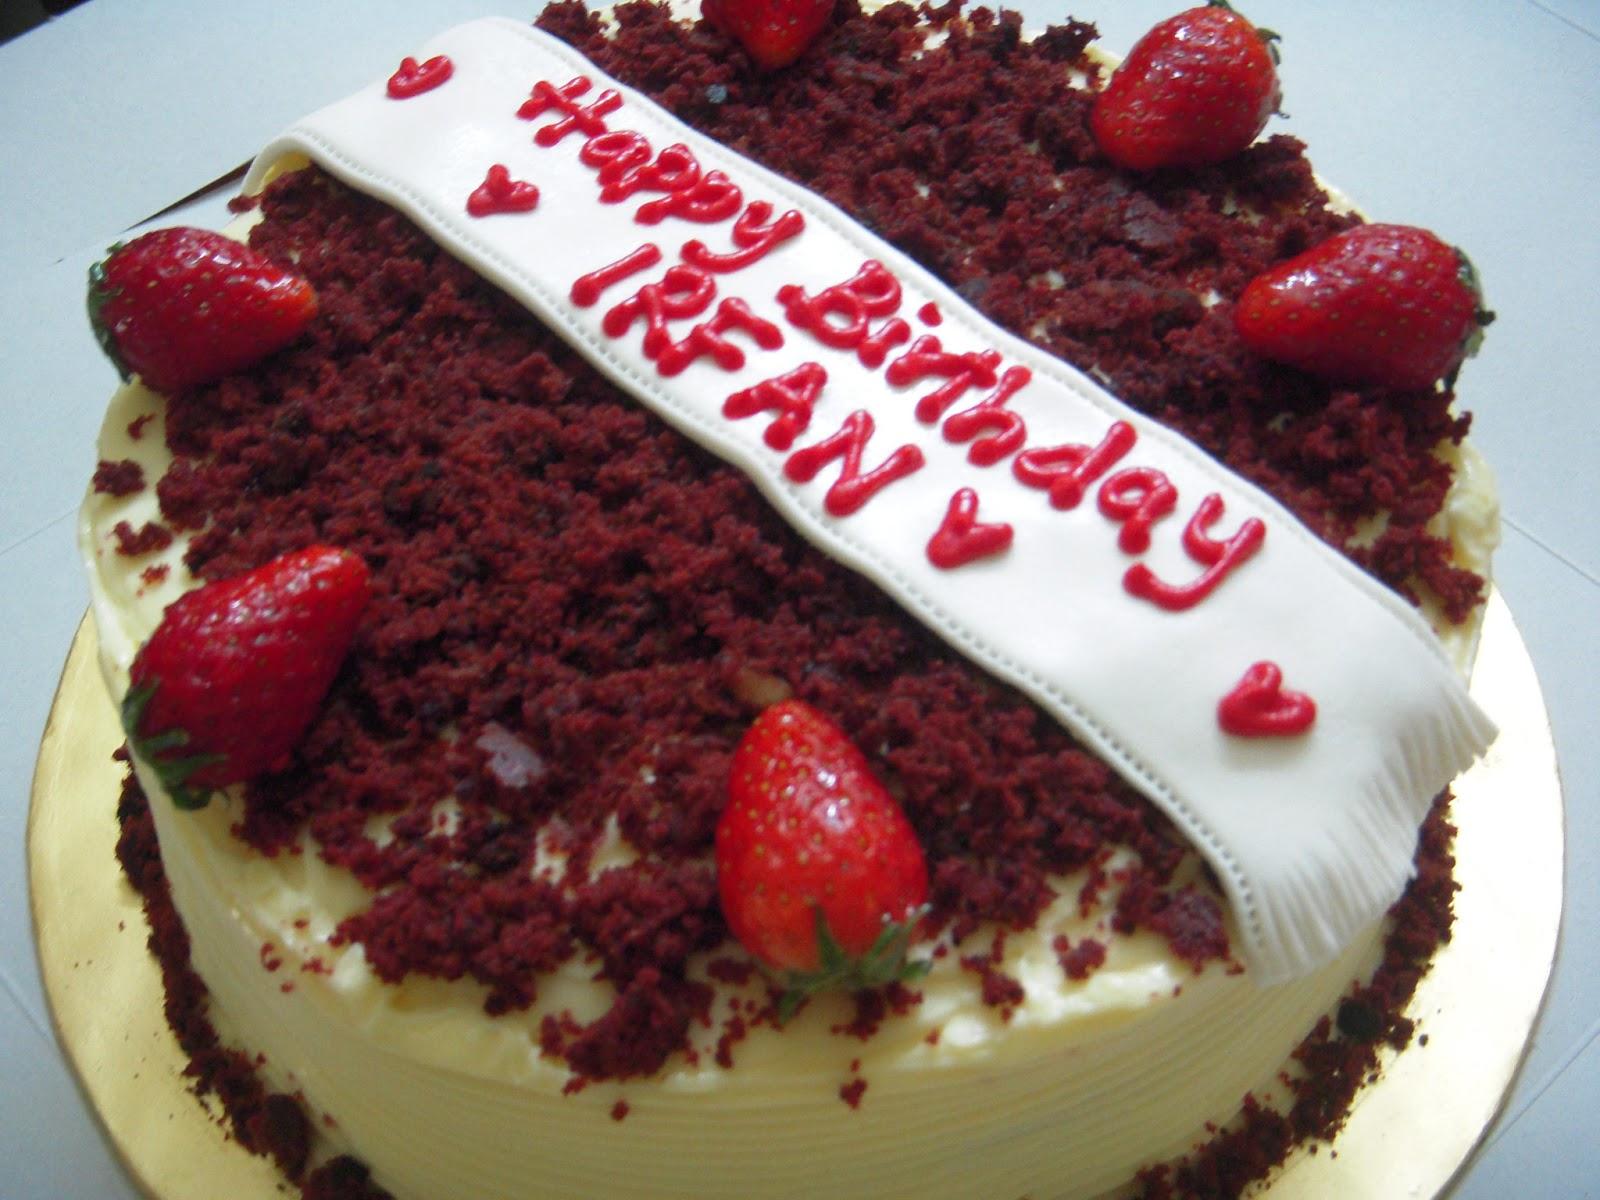 3n Cakes Red Velvet For Irfan Birthday